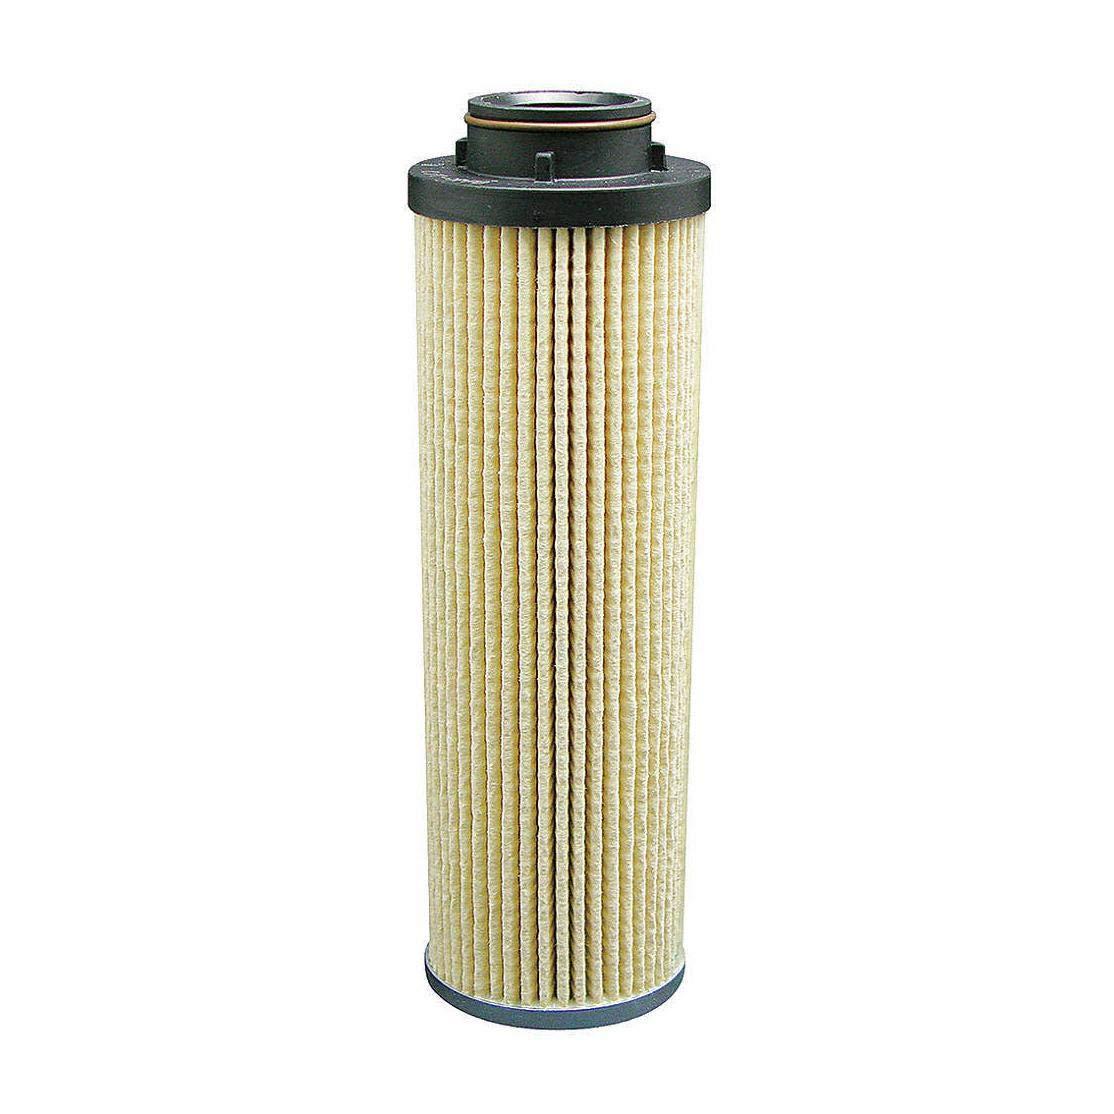 2-3//8 x 5-5//16 In Baldwin Filters PT8887 Heavy Duty Hydraulic Filter